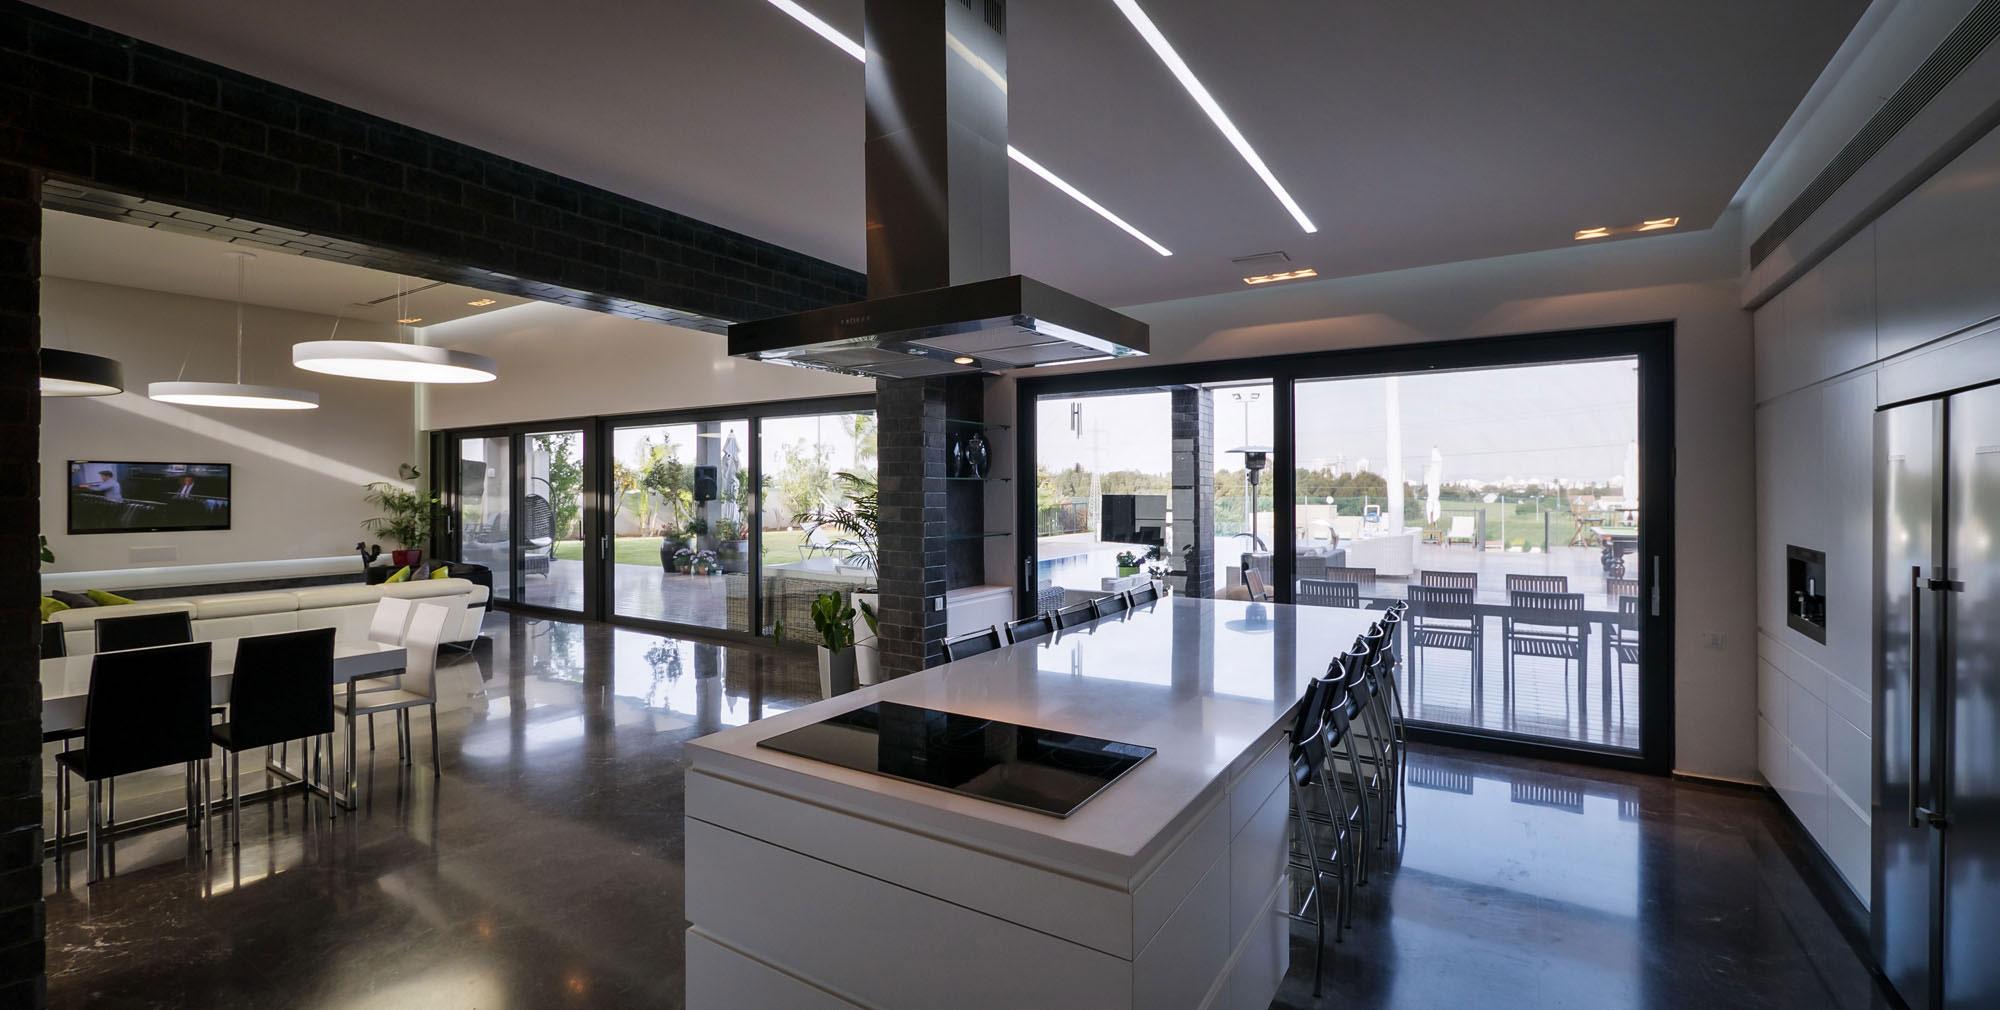 Lyxig-villa-med-en-samtida-design-från-Israel-11 Lyxig villa med modern design från Israel